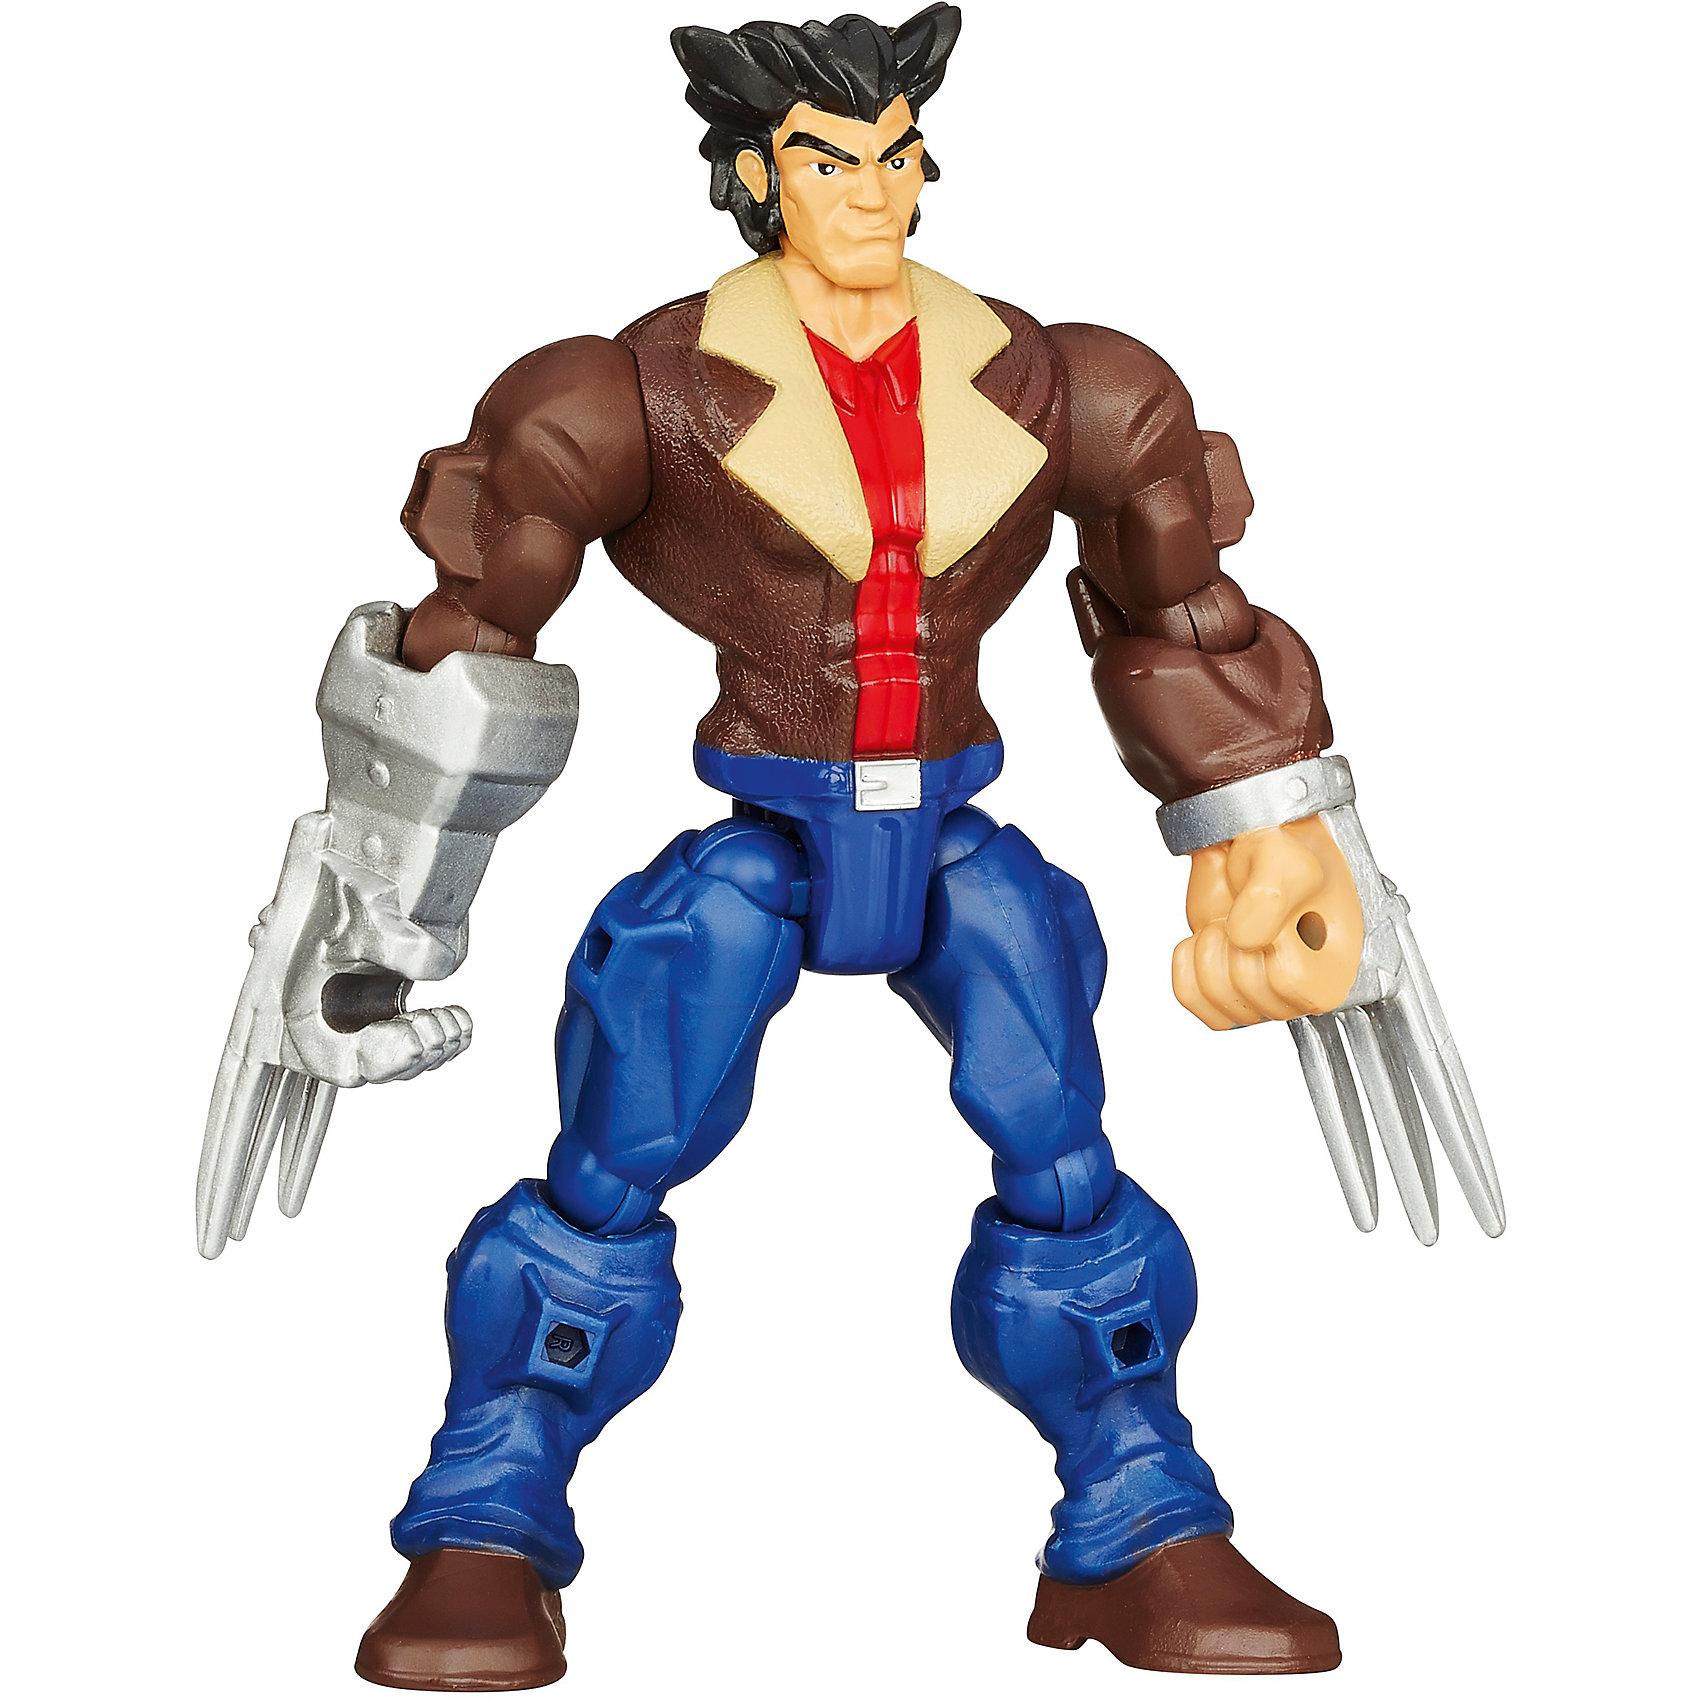 Разборная фигурка Марвел Росомаха, Hero MashersПопробуй совершенно новый способ игры с героями Марвел. Разбирай фигурки и собирай своего супергероя, объединяя способности разных героев. Фигурки можно использовать с героями других линеек. Игрушки выполнены из высококачественных безопасных материалов, прекрасно детализированы, максимально похожи на персонажей фильма.  Разборные игрушки помогают развить мелкую моторику, логическое мышление и воображение ребенка.<br><br>Дополнительная информация:<br><br>- Комплектация: фигурка, аксессуар. <br>- Размер: 15 см.<br>- Материал: пластик.<br><br>Разборную фигурку Марвел, Hero Mashers, можно купить в нашем магазине.<br><br>Ширина мм: 210<br>Глубина мм: 154<br>Высота мм: 45<br>Вес г: 181<br>Возраст от месяцев: 48<br>Возраст до месяцев: 96<br>Пол: Мужской<br>Возраст: Детский<br>SKU: 4874293